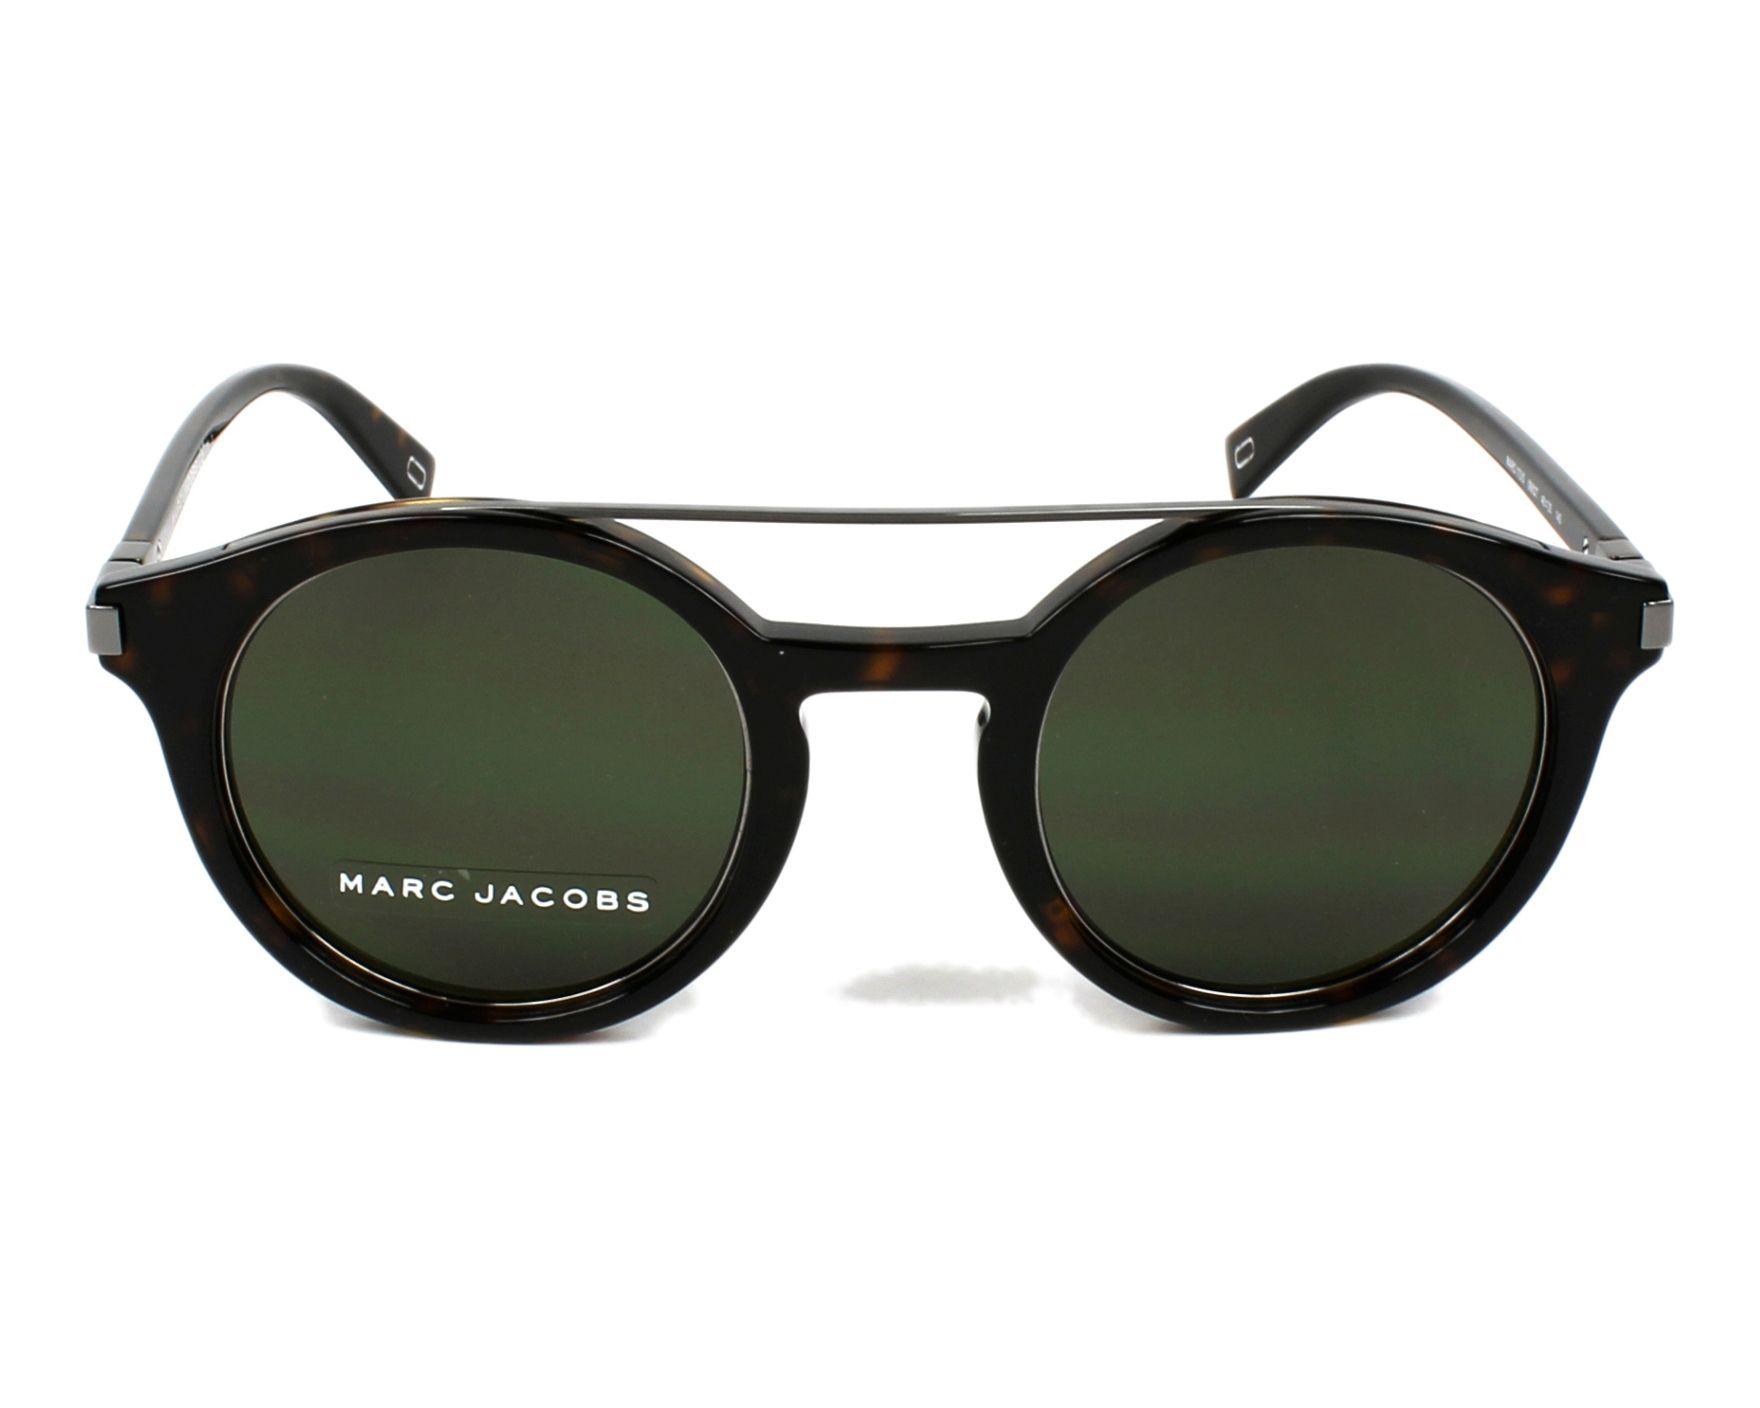 57e6b3d00b9681 Sunglasses Marc Jacobs MARC-173-S 086 QT - Havana Gun front view